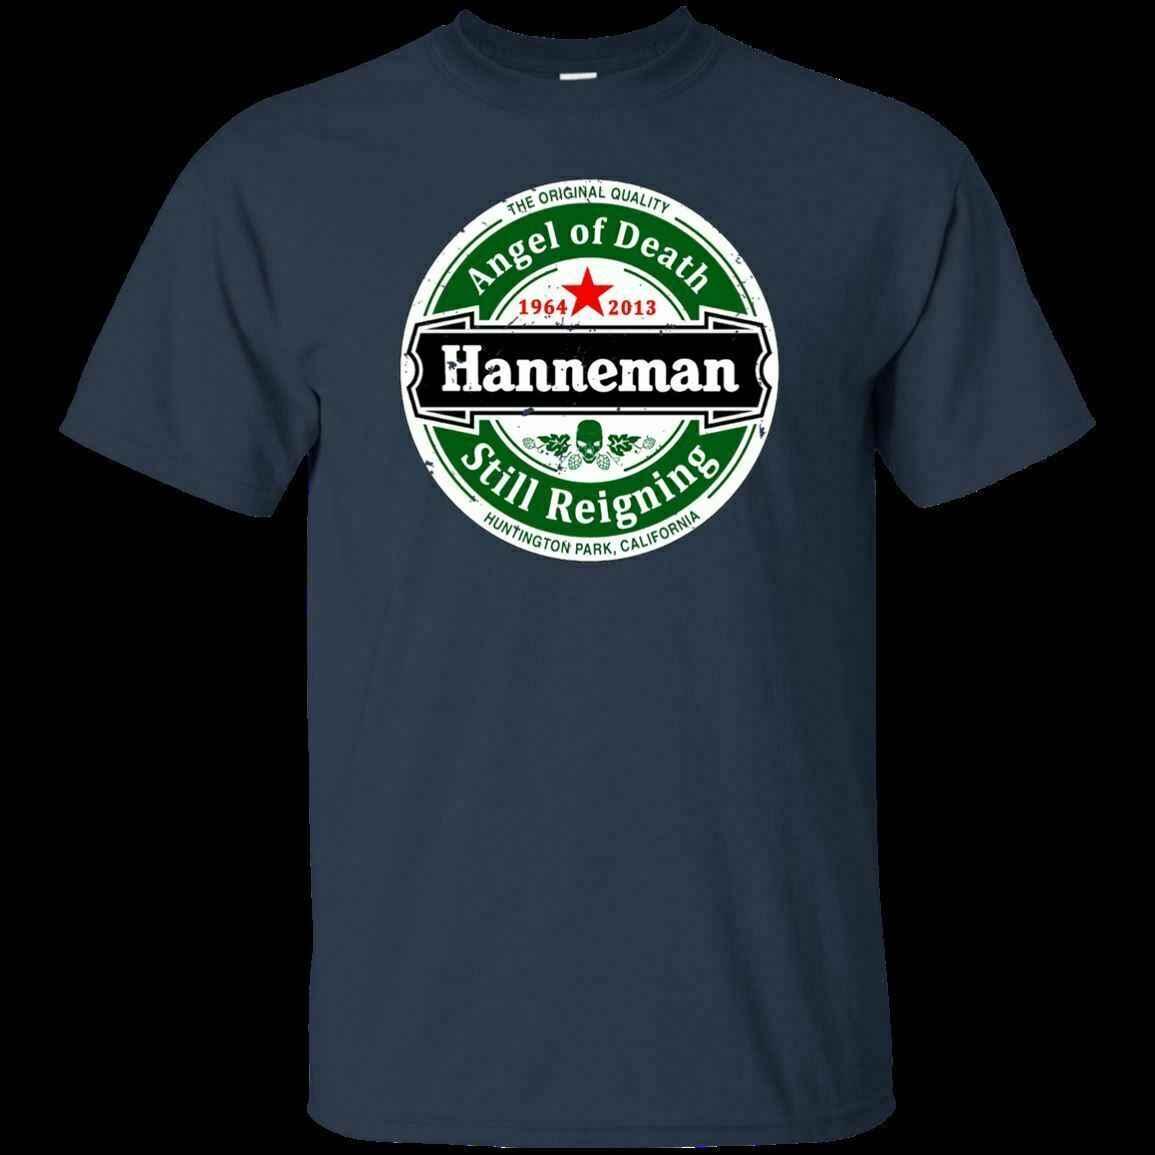 Jeff Hanneman T-Shirt-Slayer nadal panującego anioł śmierci z krótkim rękawem M-3XL